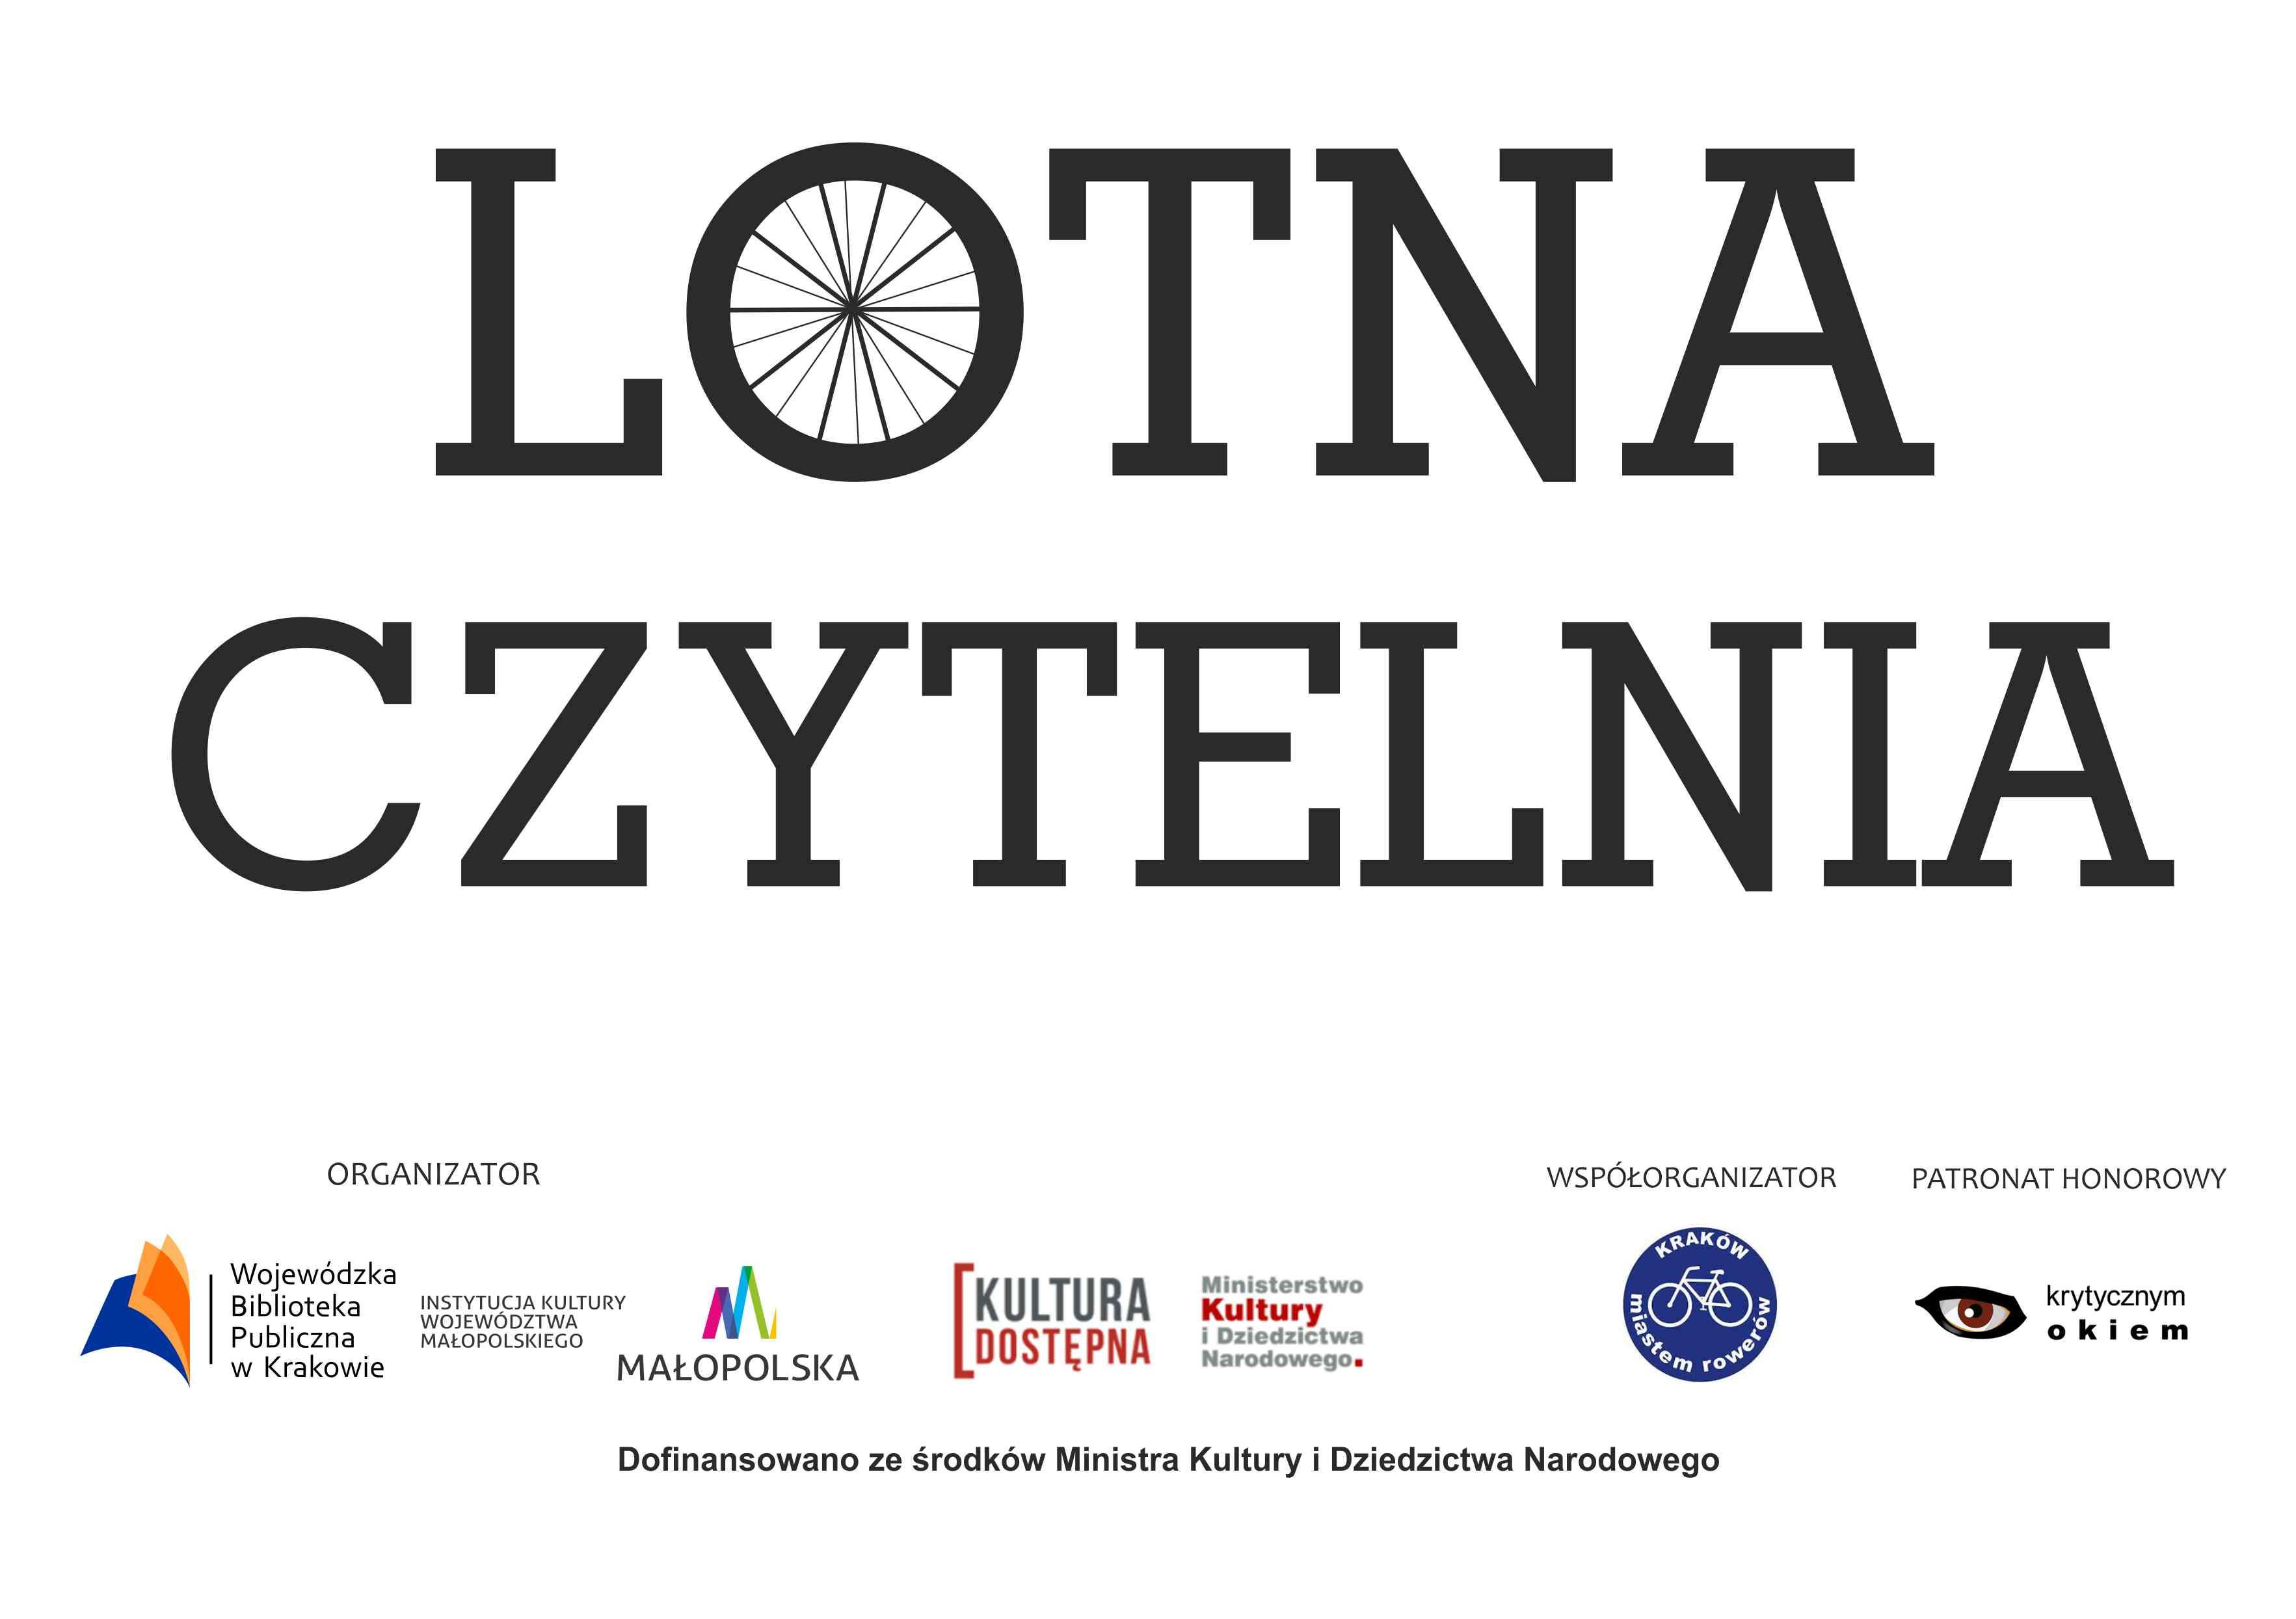 Lotna czytelnia w Krakowie